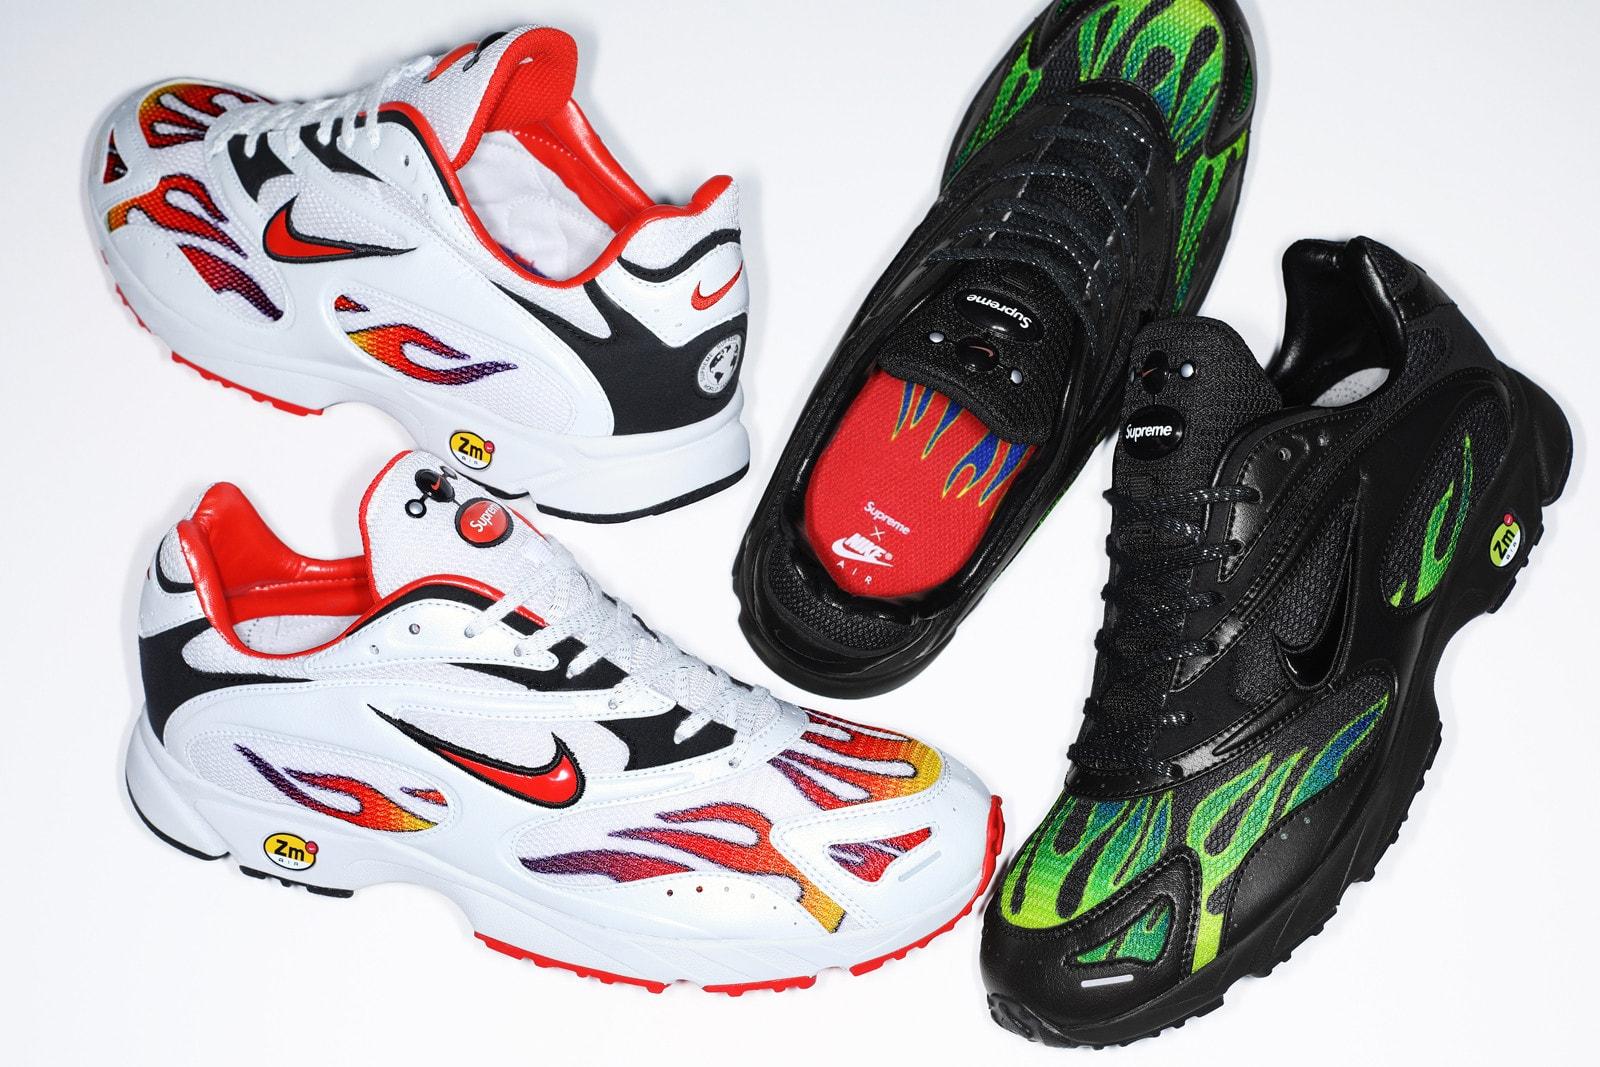 細數 Supreme 也未能「捧紅」的 Nike 冷門鞋款